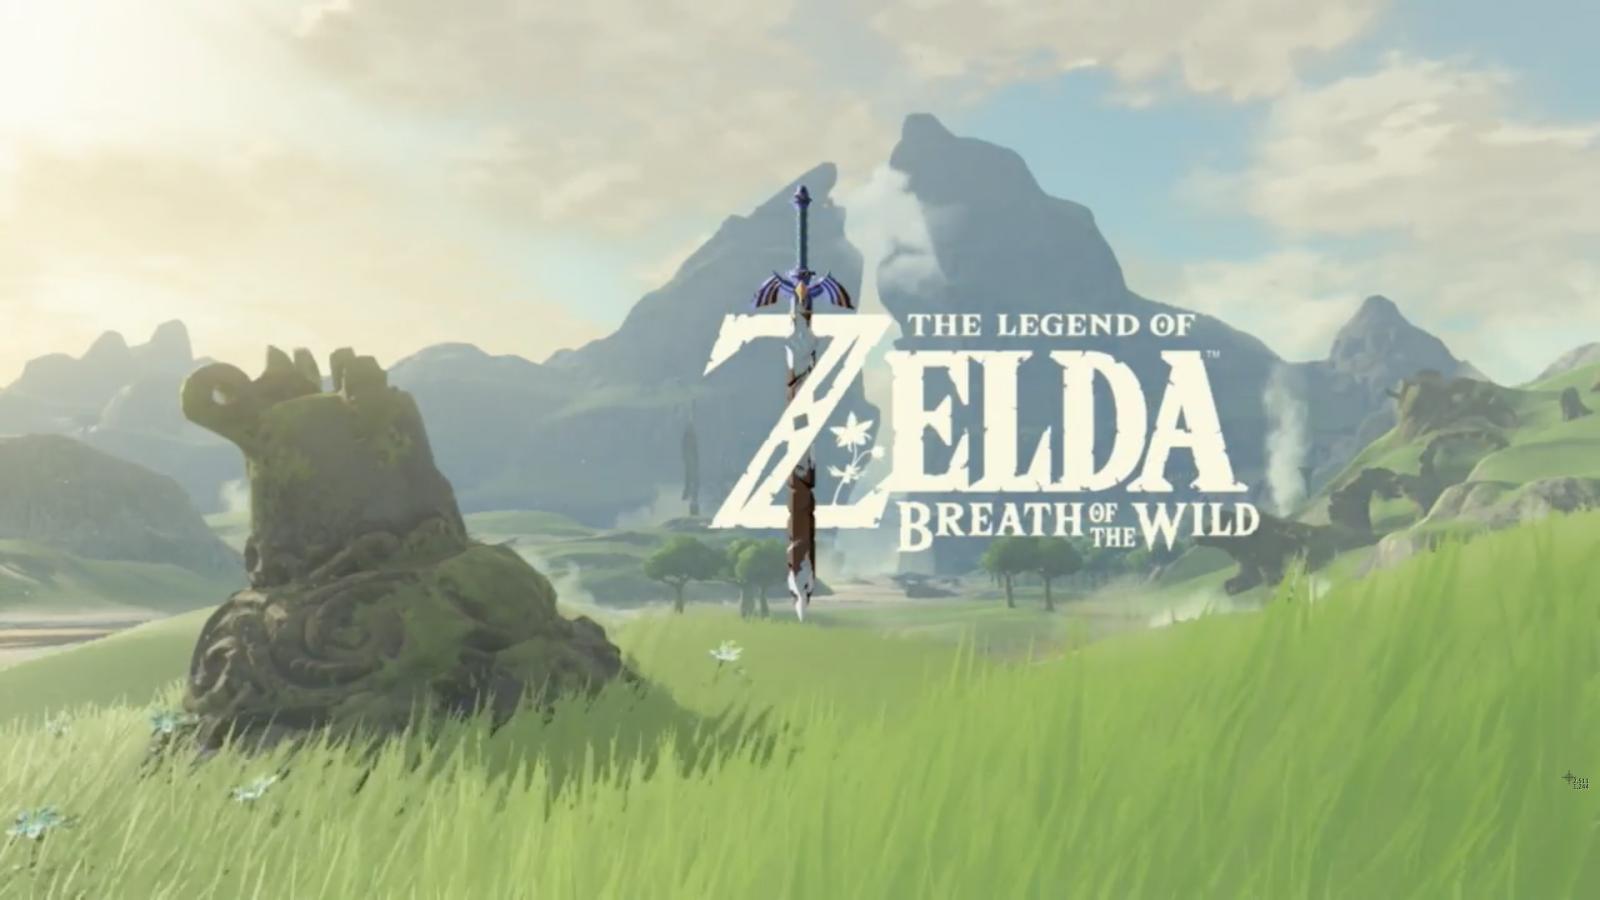 Legend of Zelda Breath of the Wild8